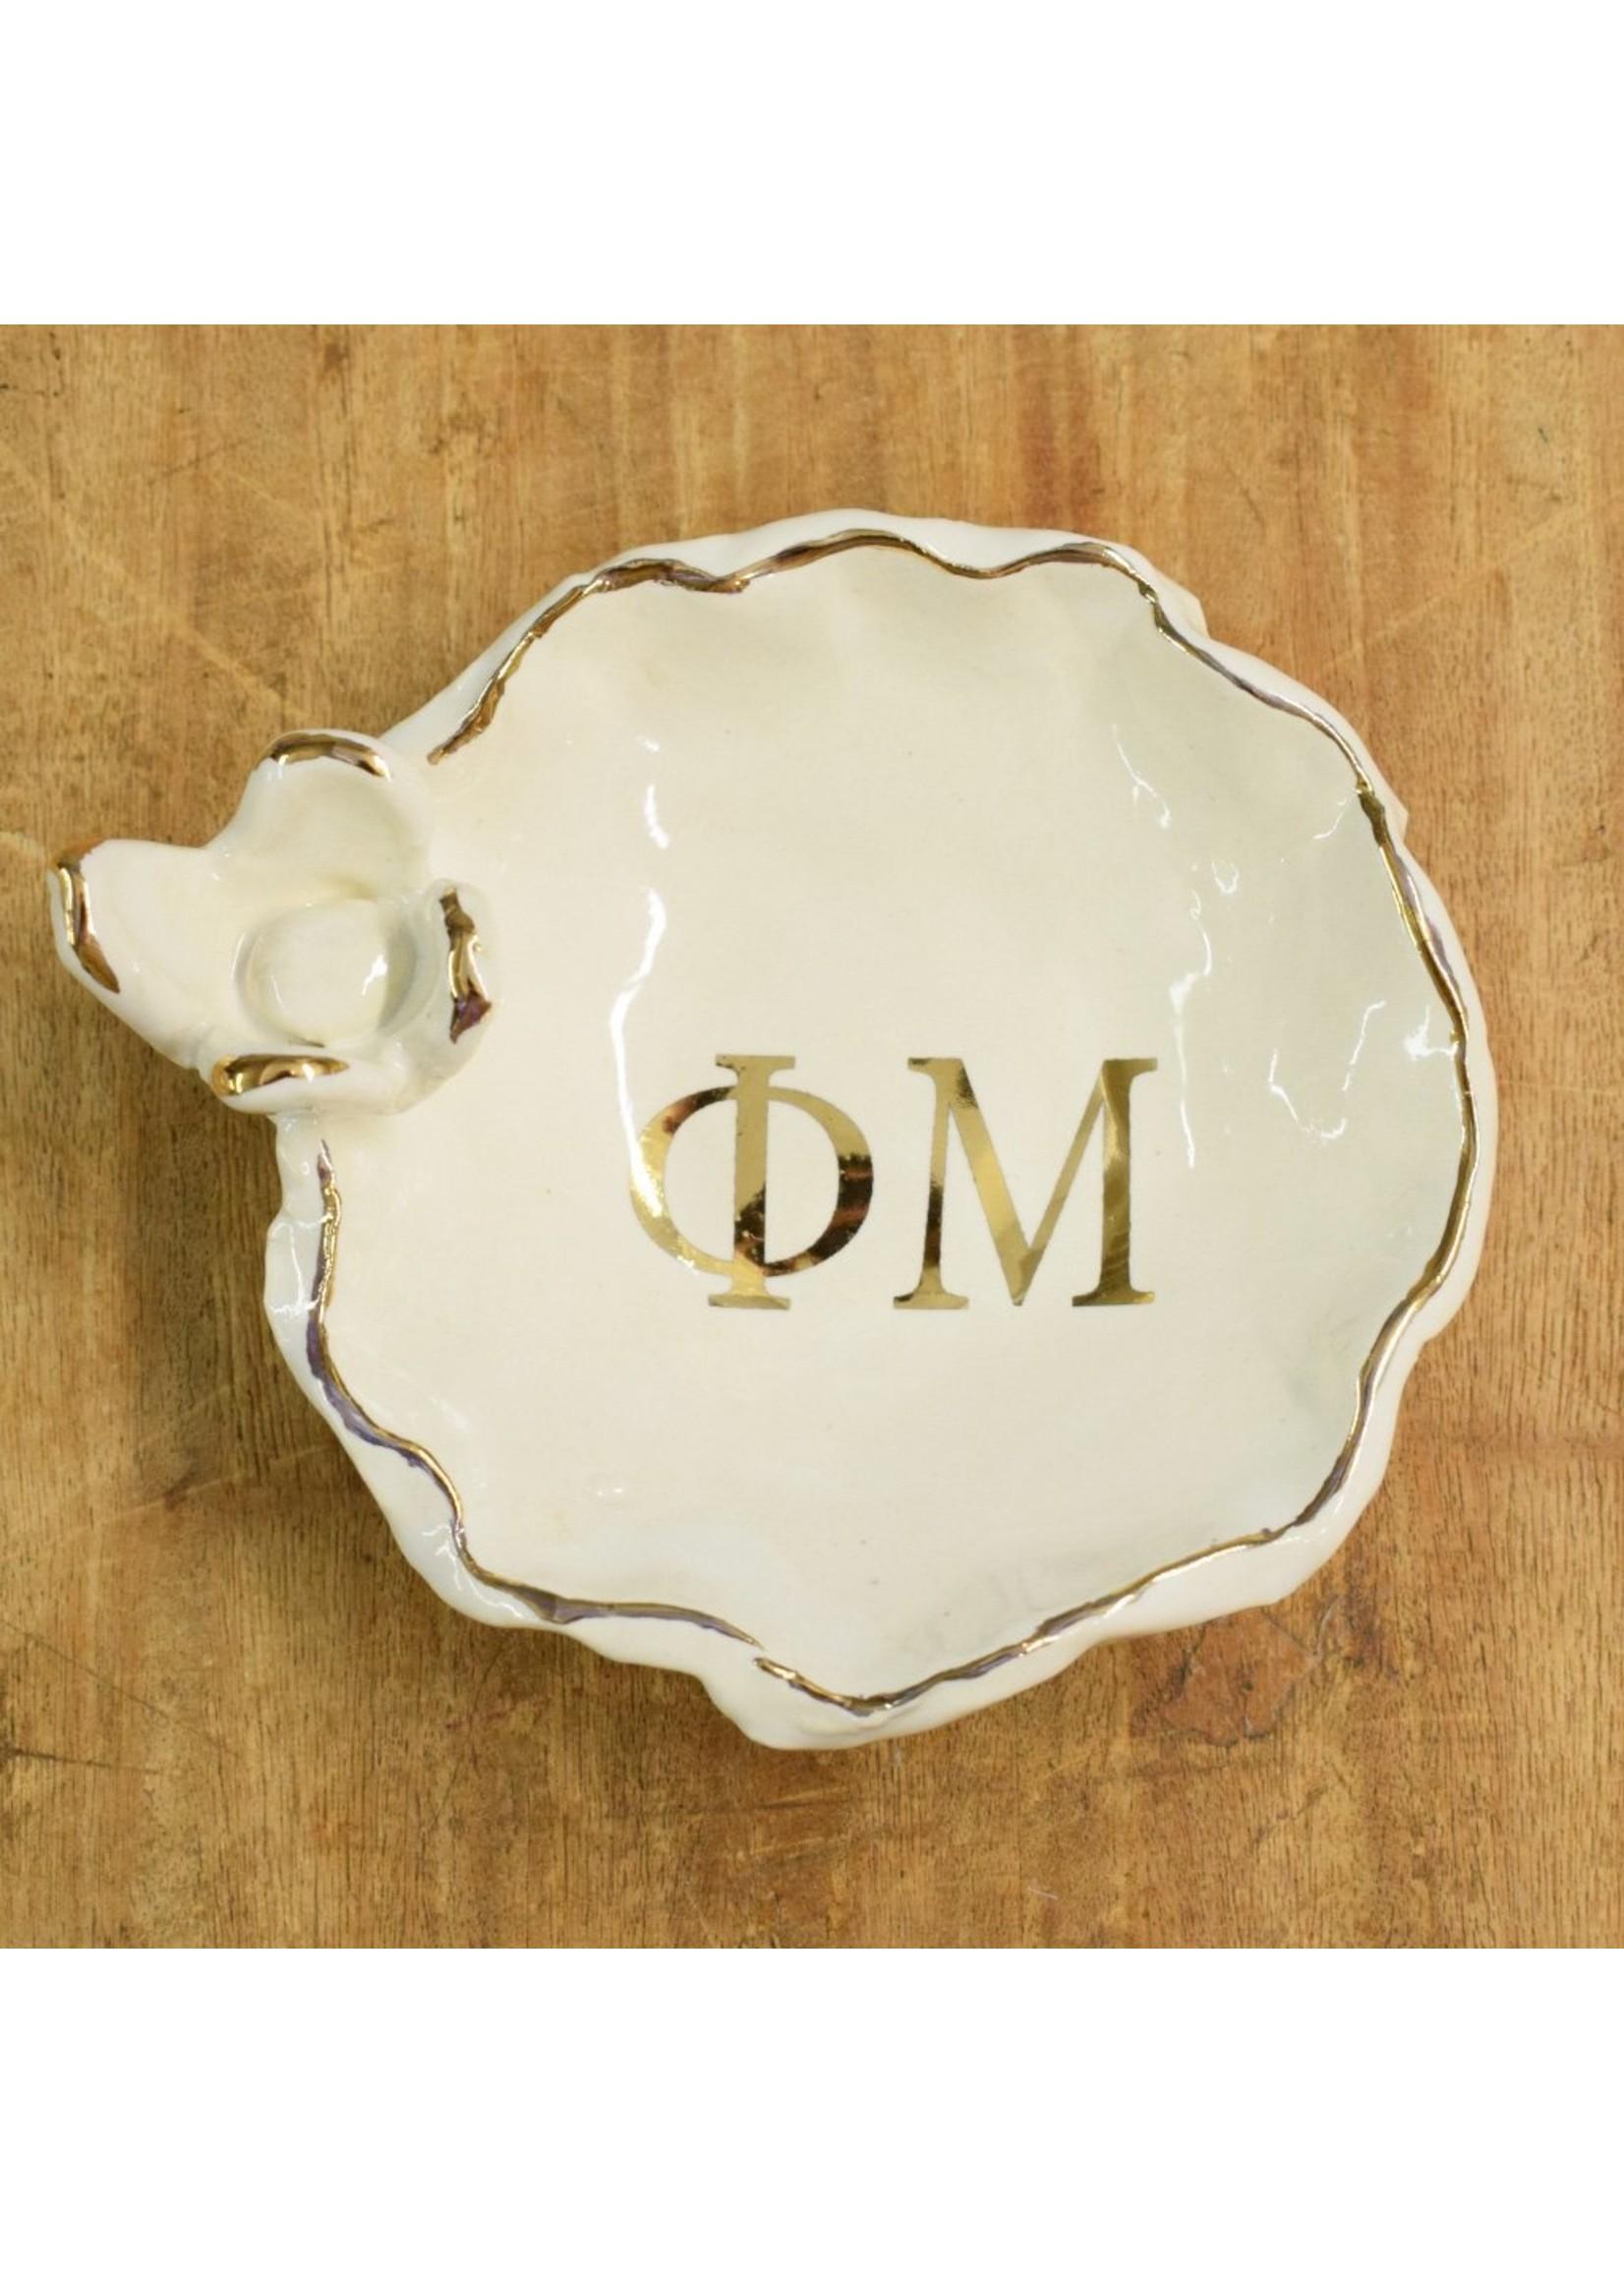 dixie pottery Sorority Ring Dish